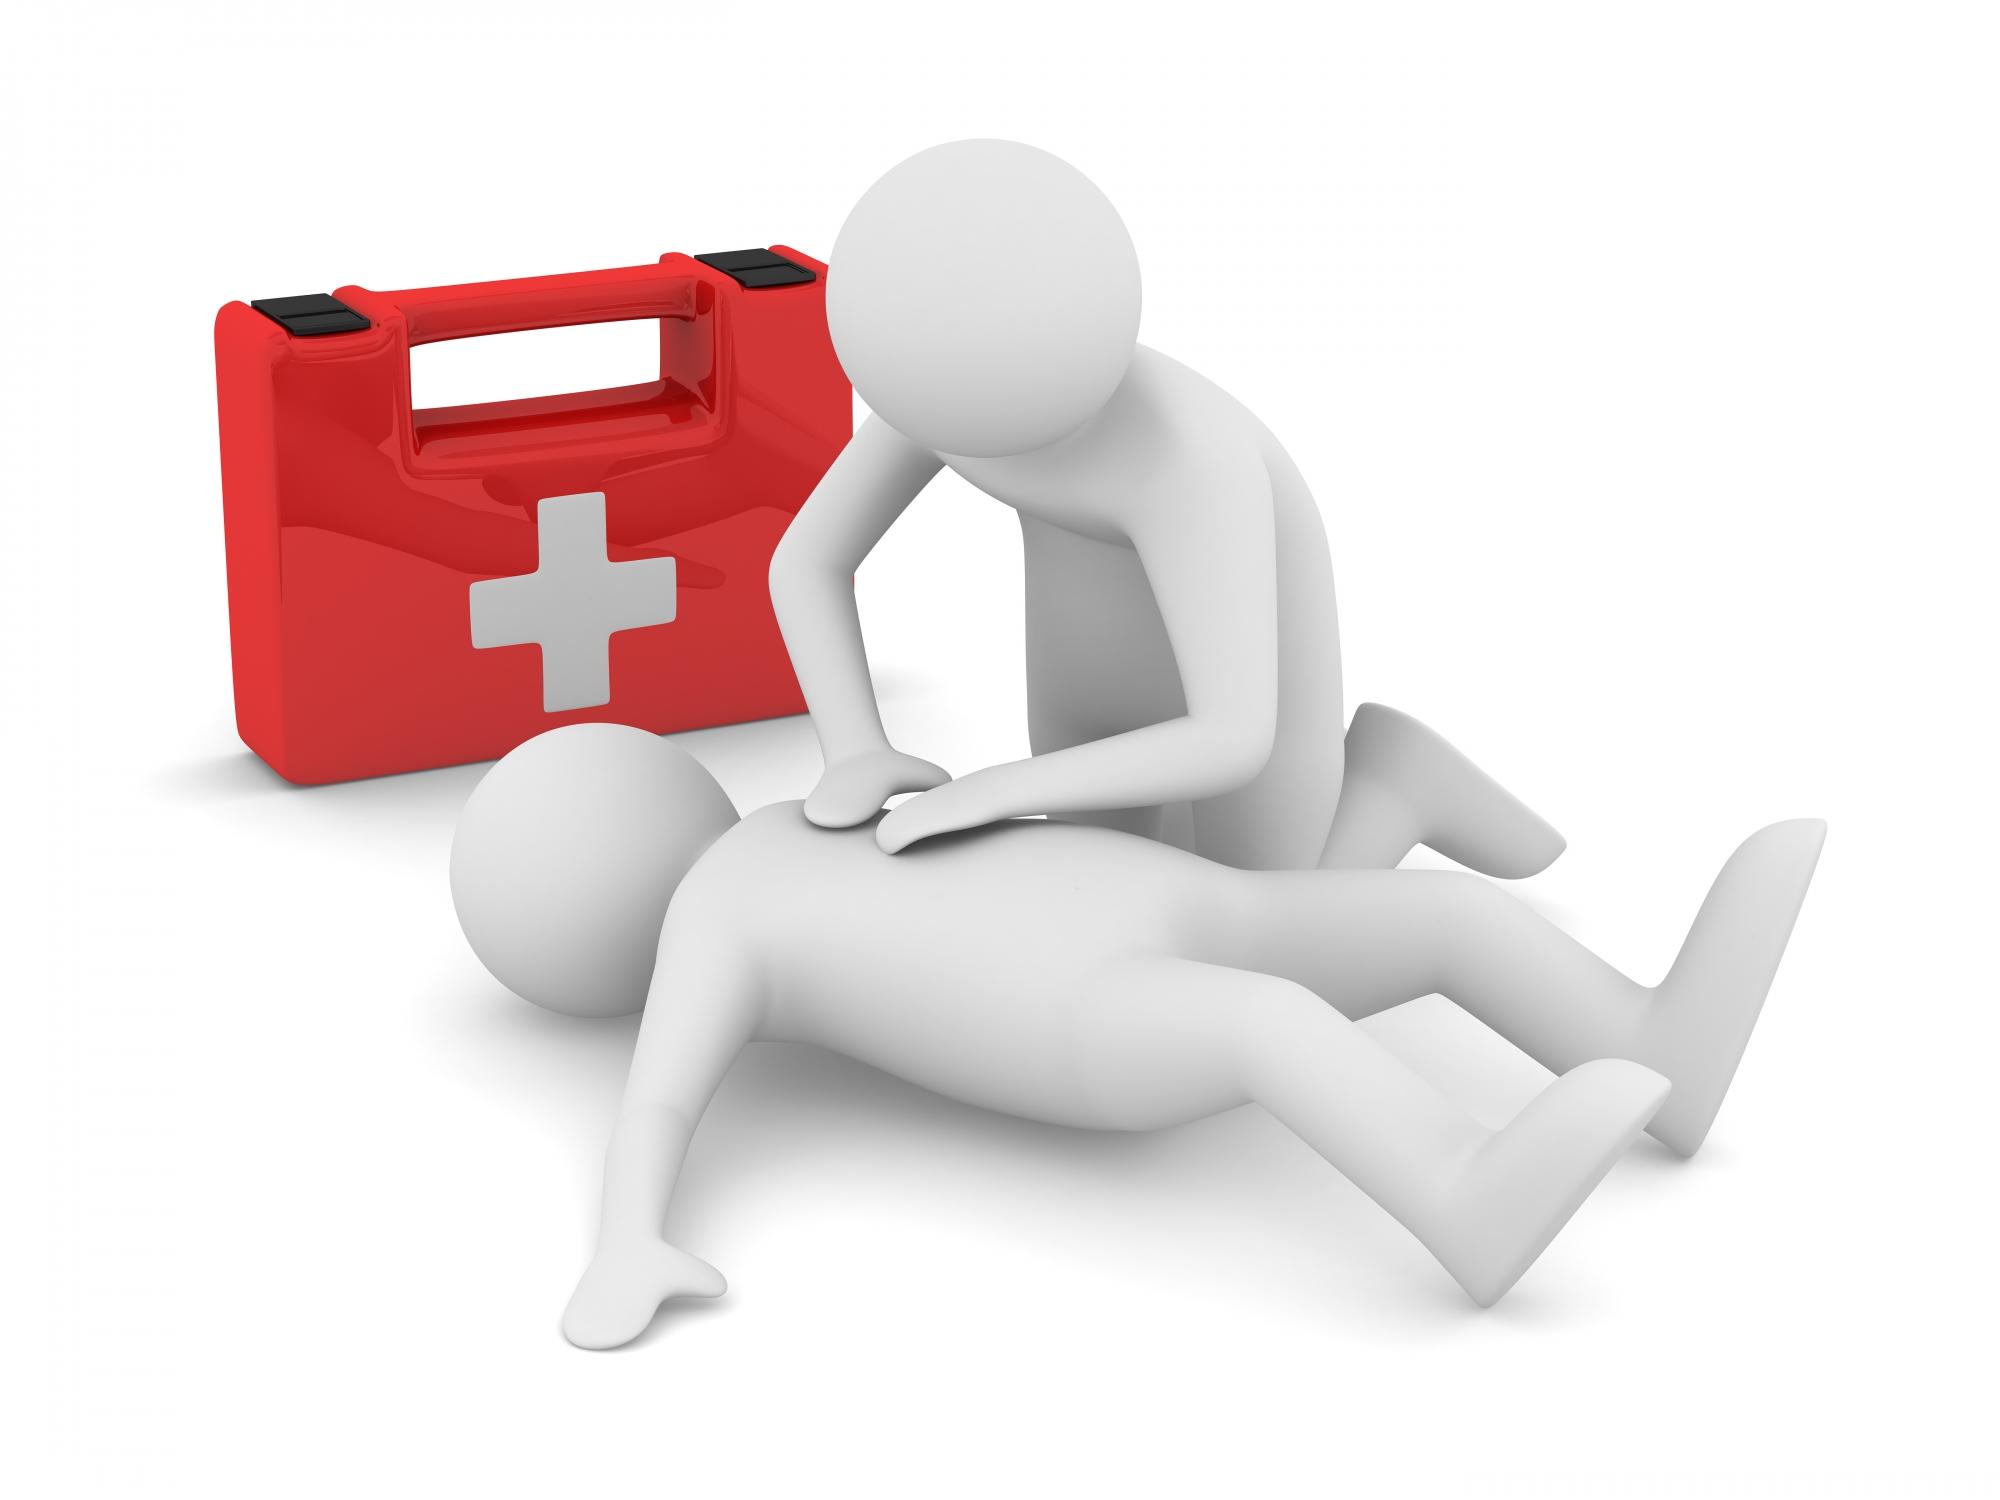 monitores de ocio, primeros auxilios